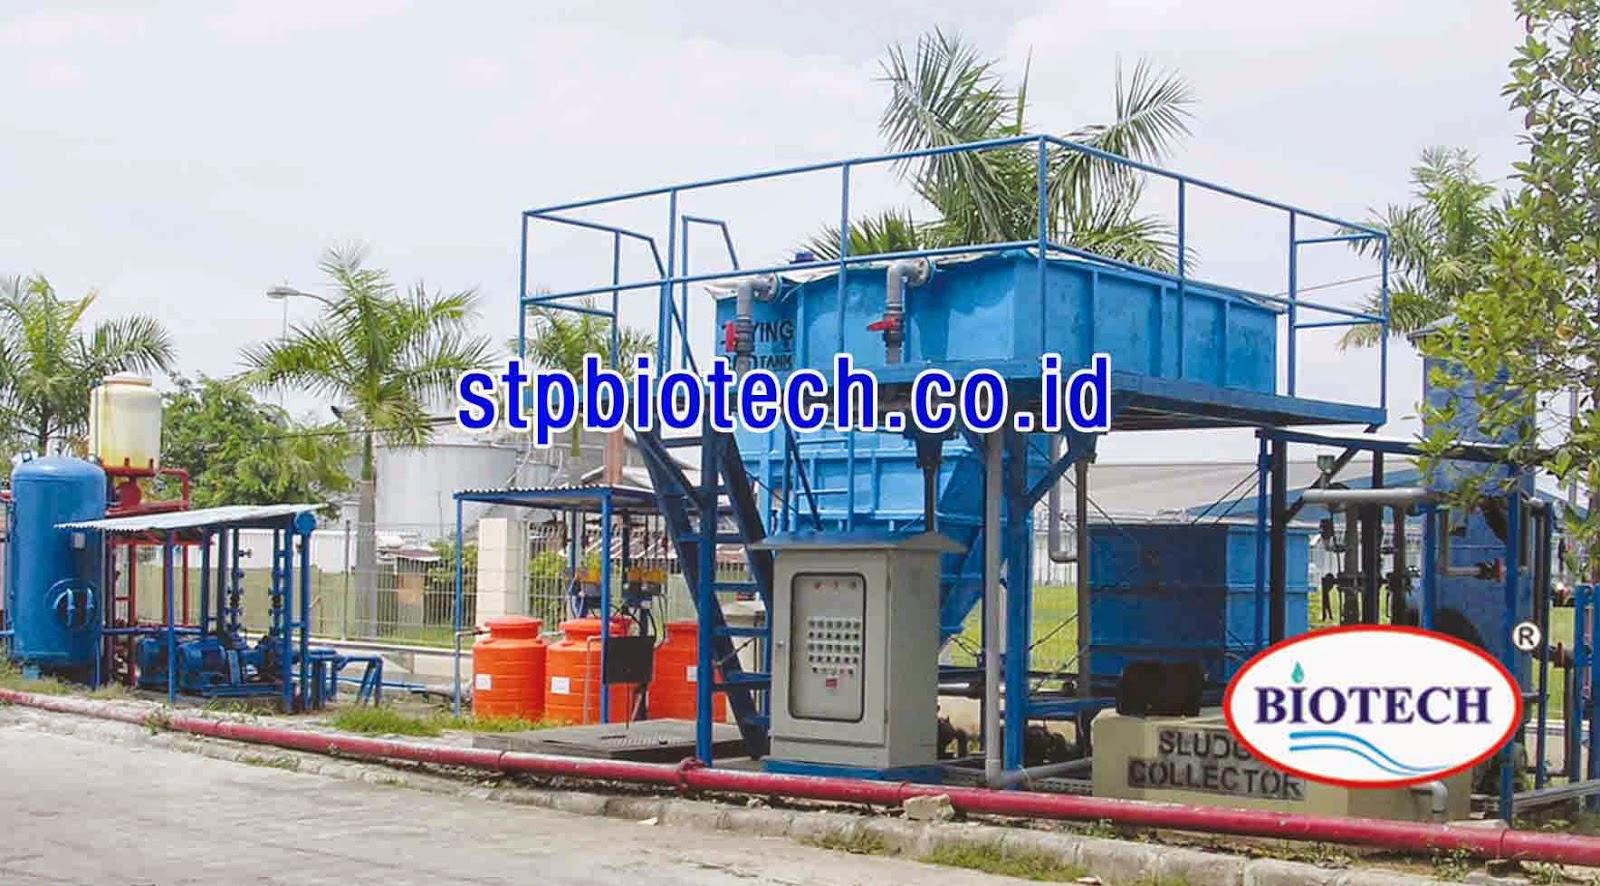 ipal biotech, wwtp biotech, instalasi pengolahan air limbah merk biotech